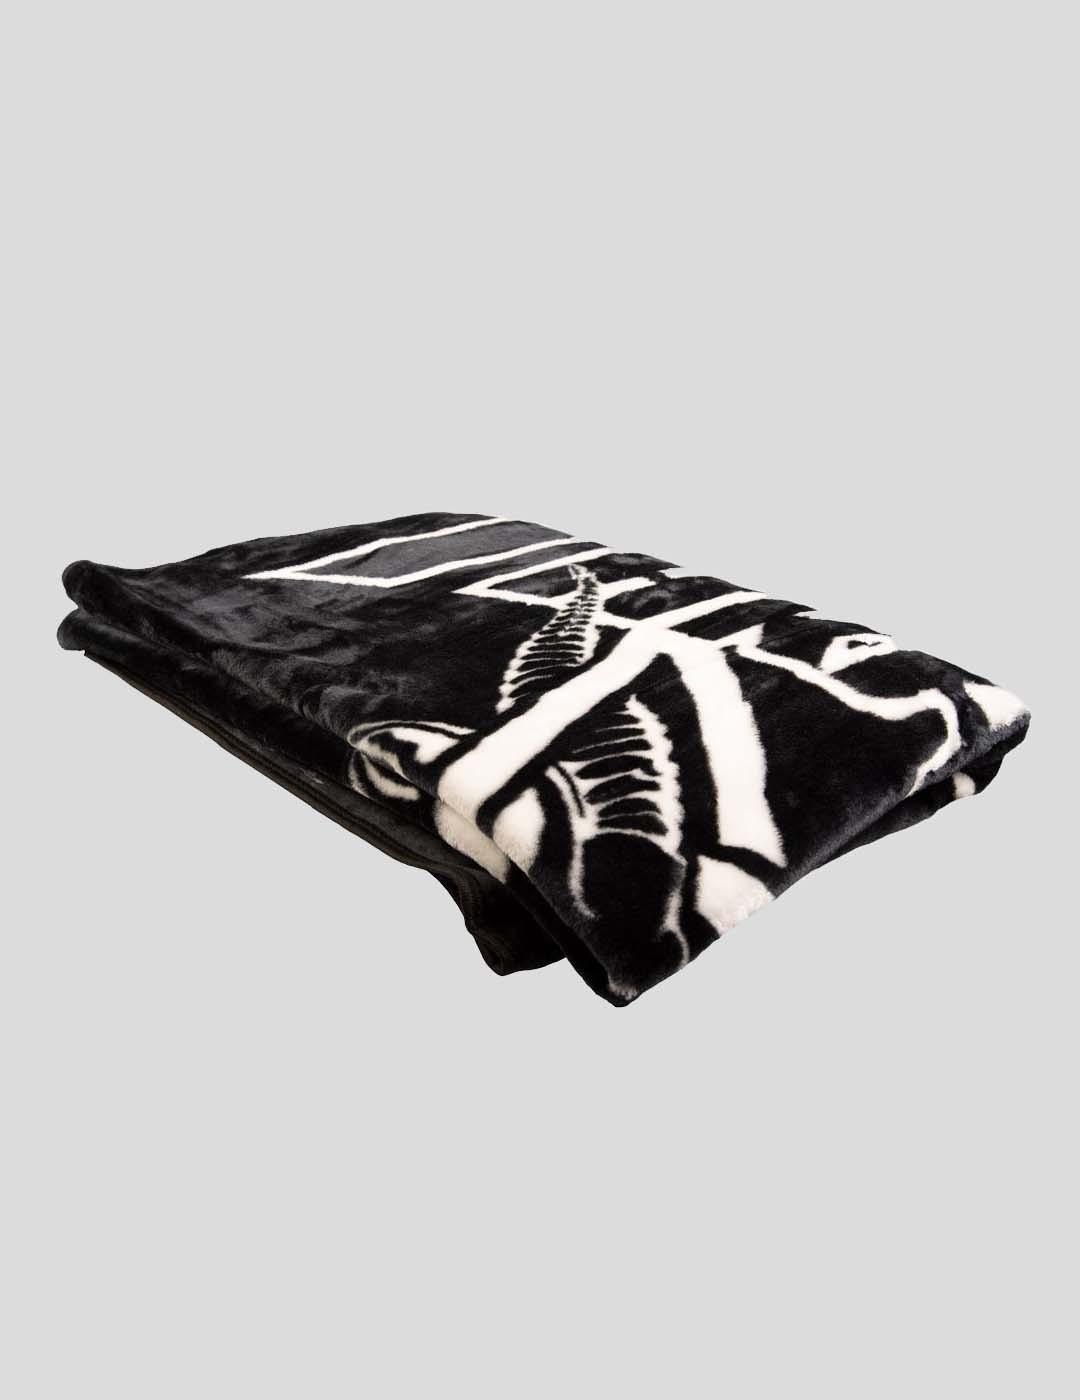 MANTA THRASHER SKATEGOAT BLANKET  BLACK